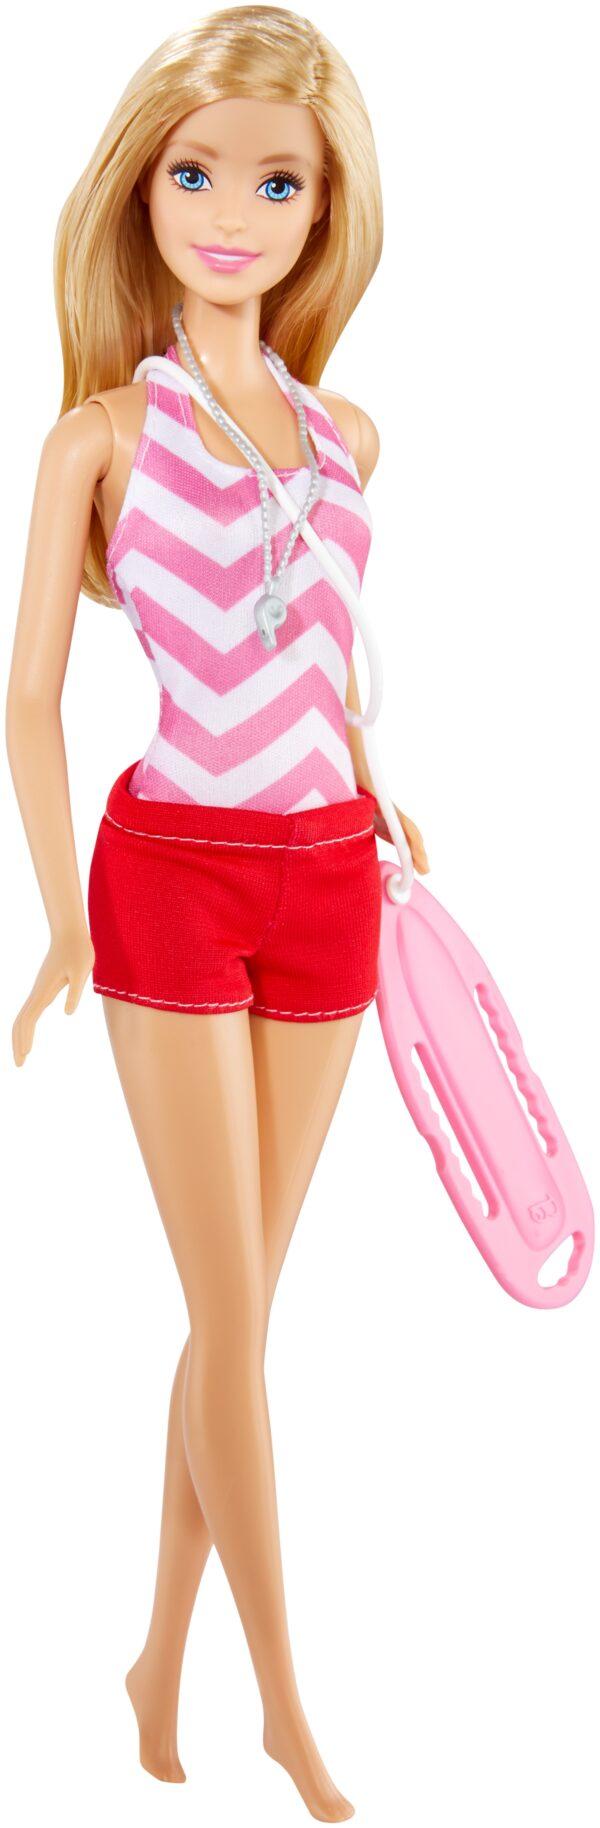 Barbie Carriere Assortimento ALTRI Femmina 12-36 Mesi, 3-5 Anni Barbie